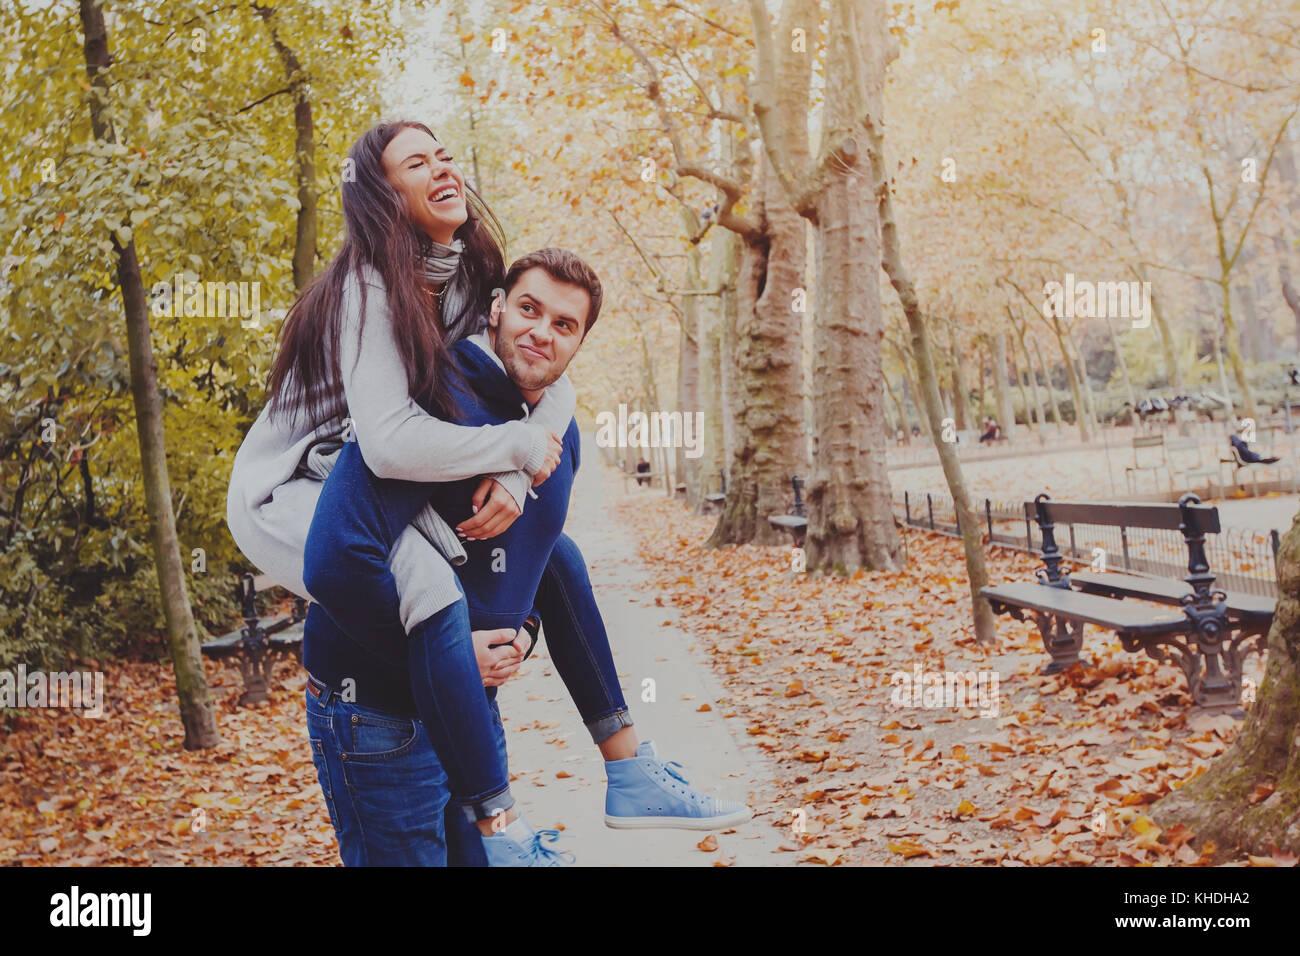 Uomo Donna portante piggyback, incontri, coppia giovane ridere in autunno park Immagini Stock